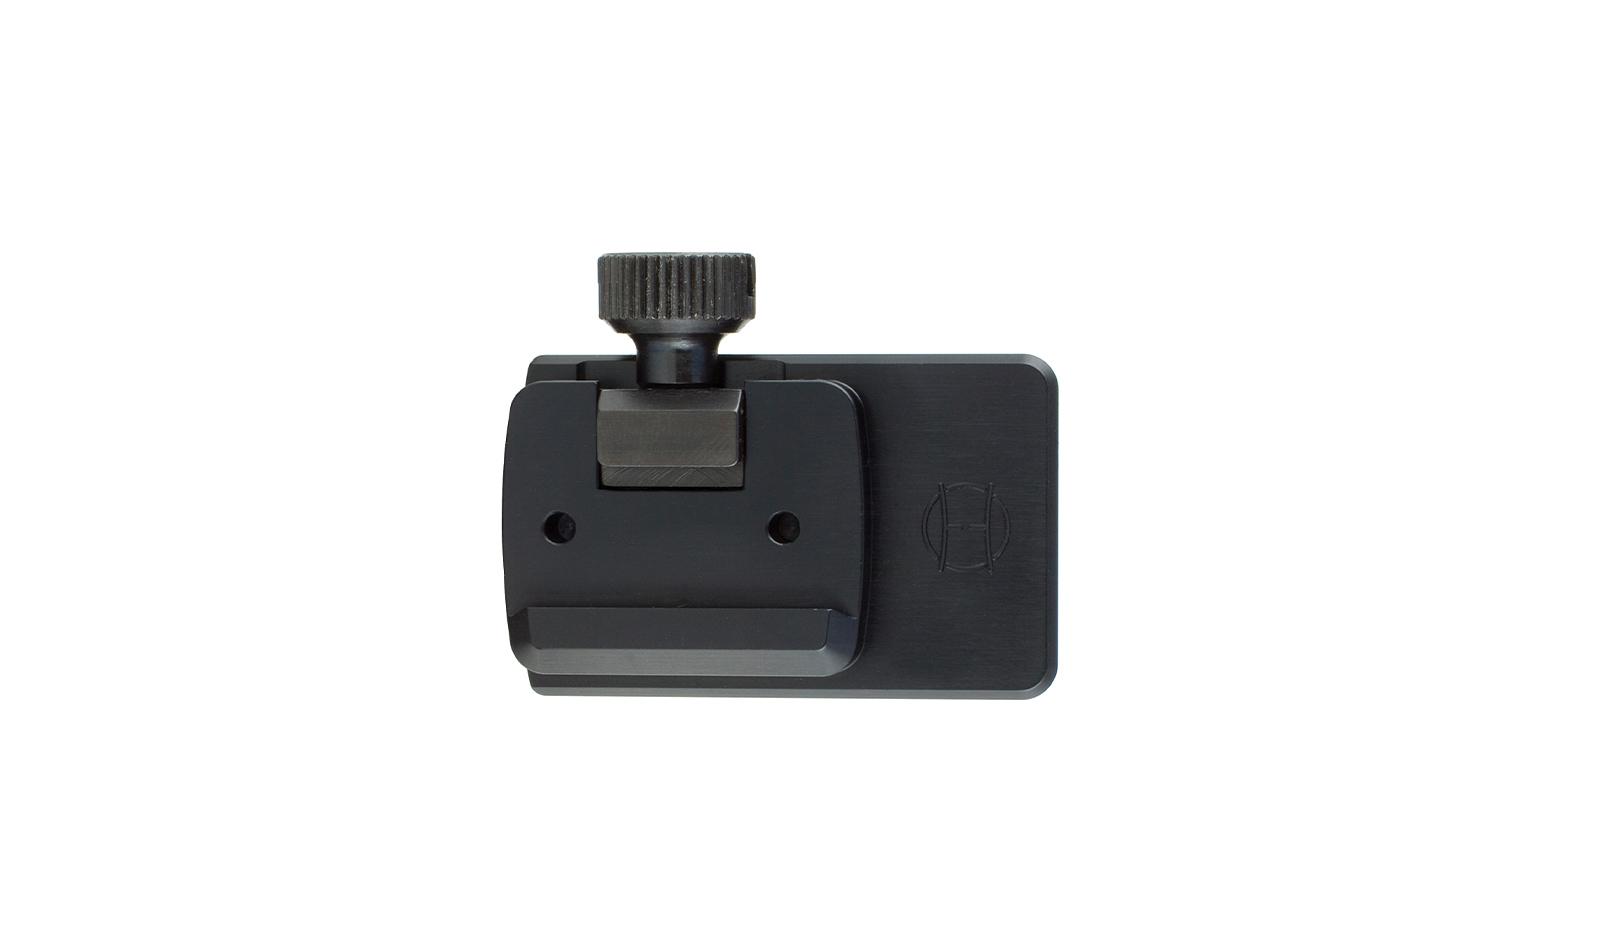 RM58 angle 3